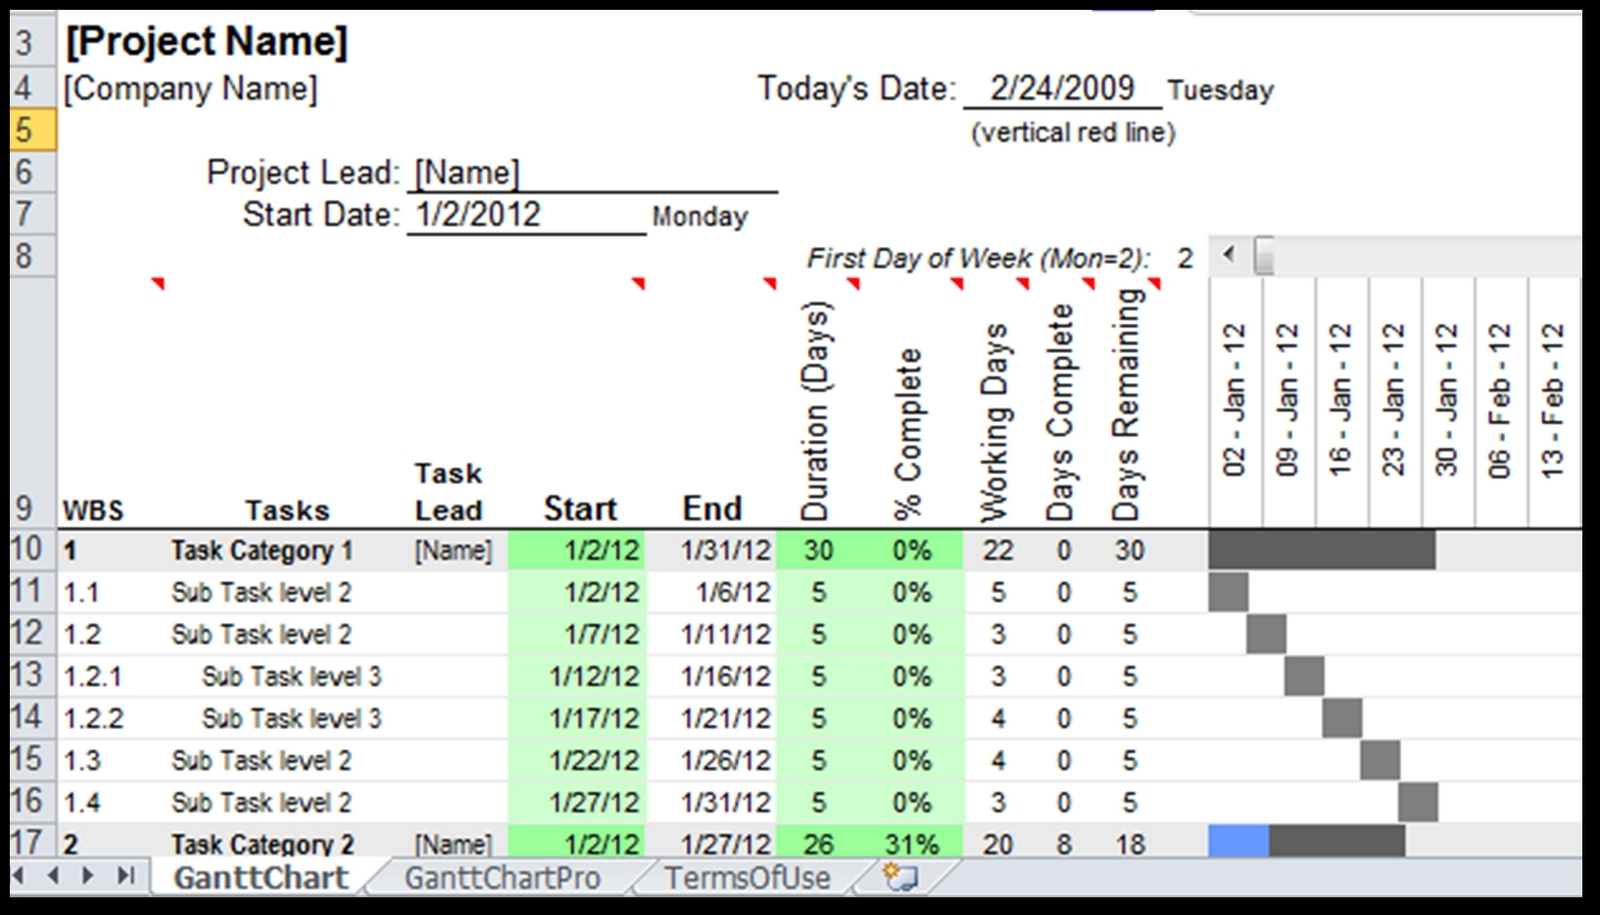 Gantt Chart Excel 2010 Template Free   Best Template & Design Images With Gantt Chart Template Excel 2010 Free